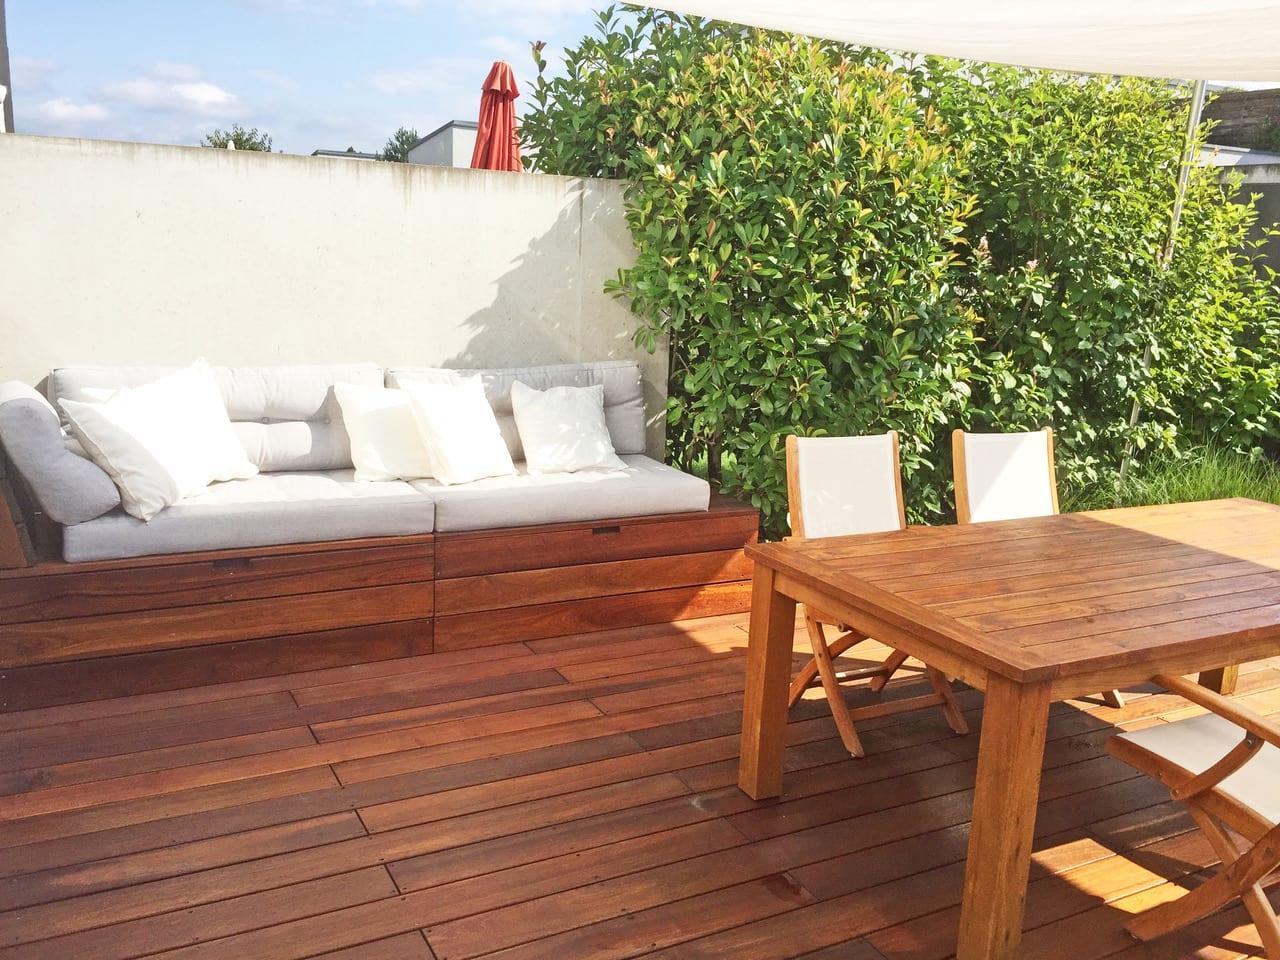 Terrasse mit Holzboden und Tisch mit Stühlen und Sitzecke